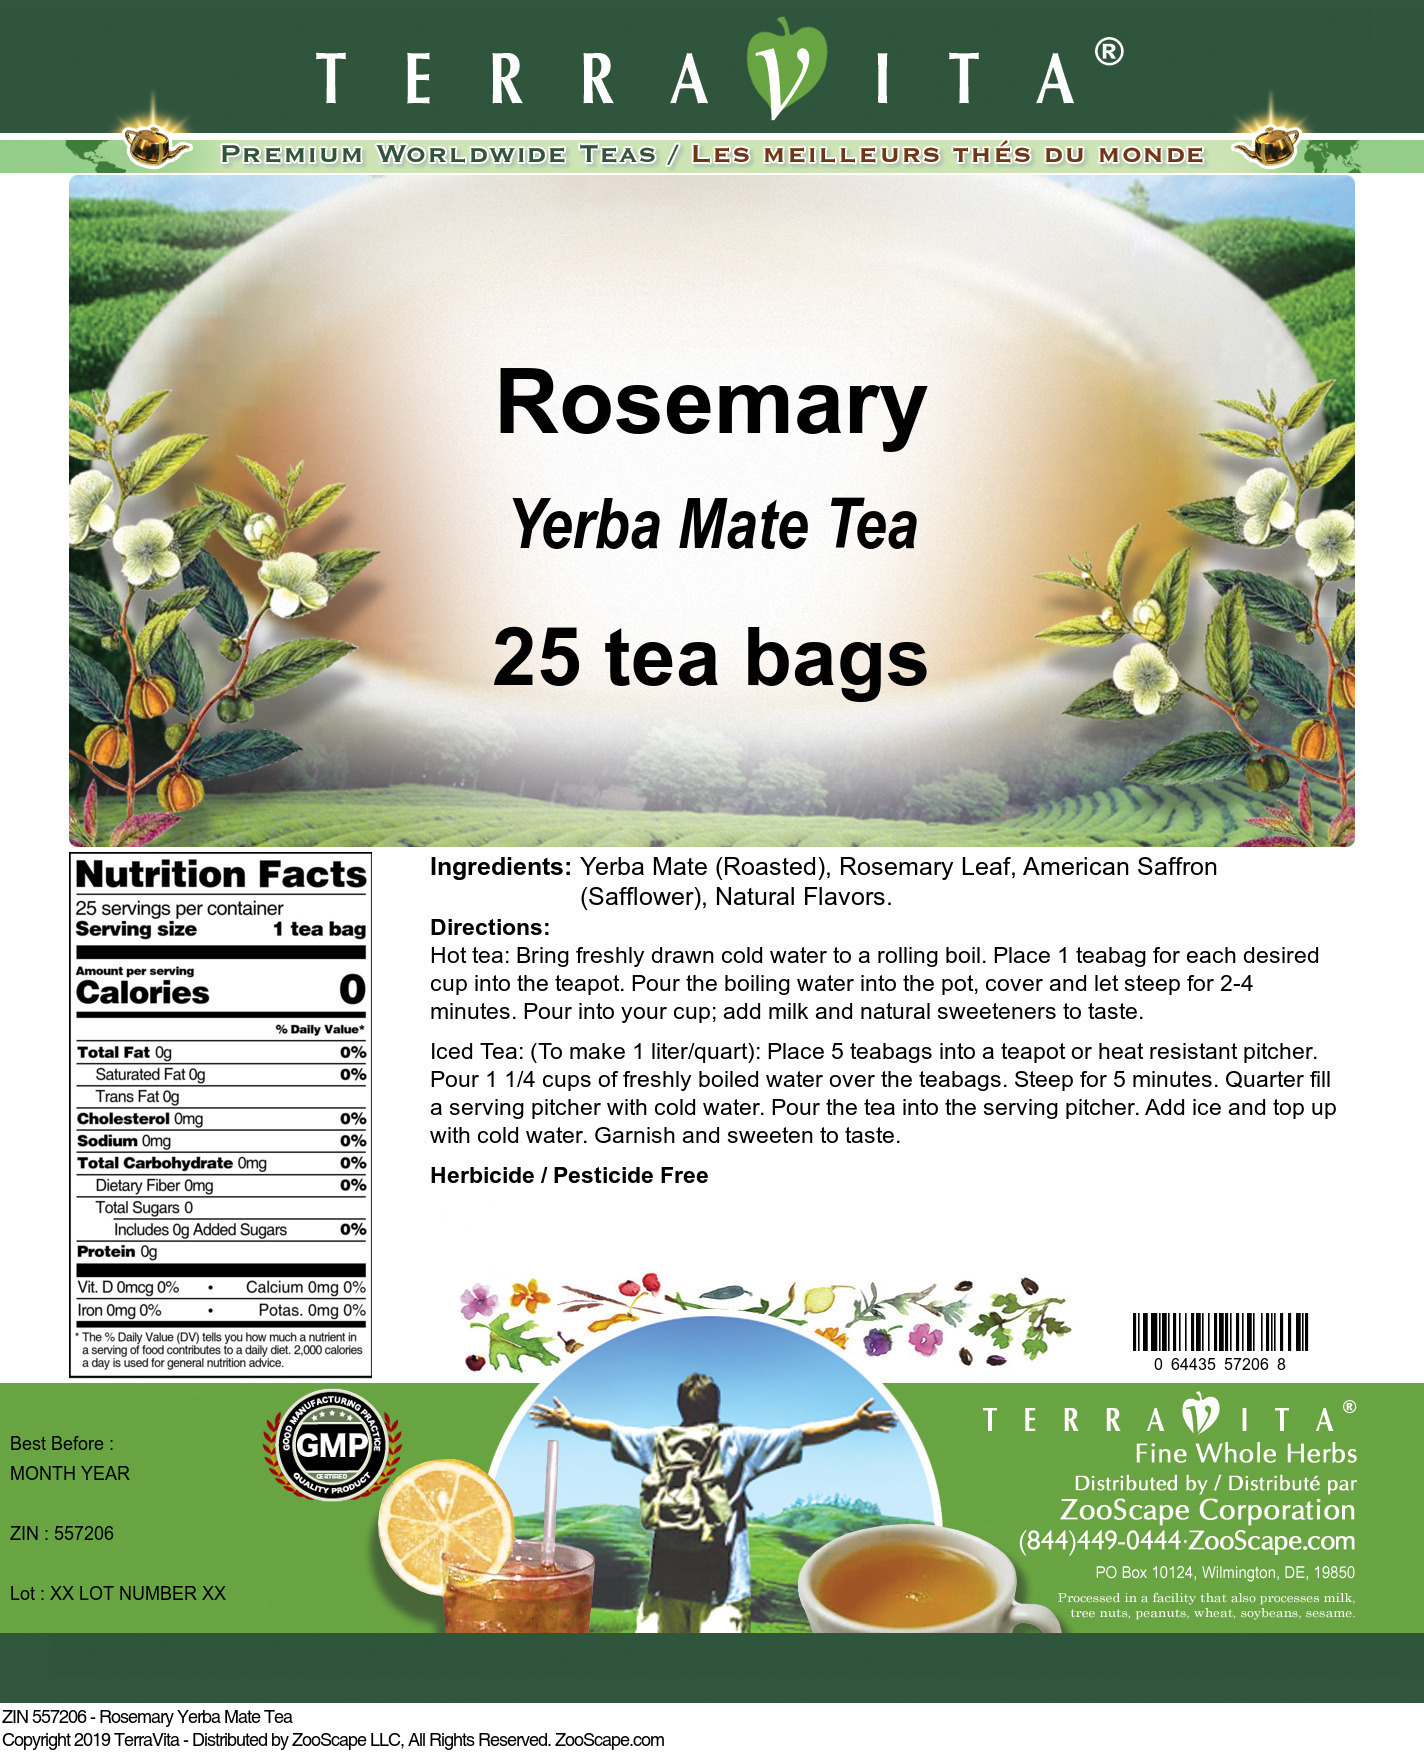 Rosemary Yerba Mate Tea